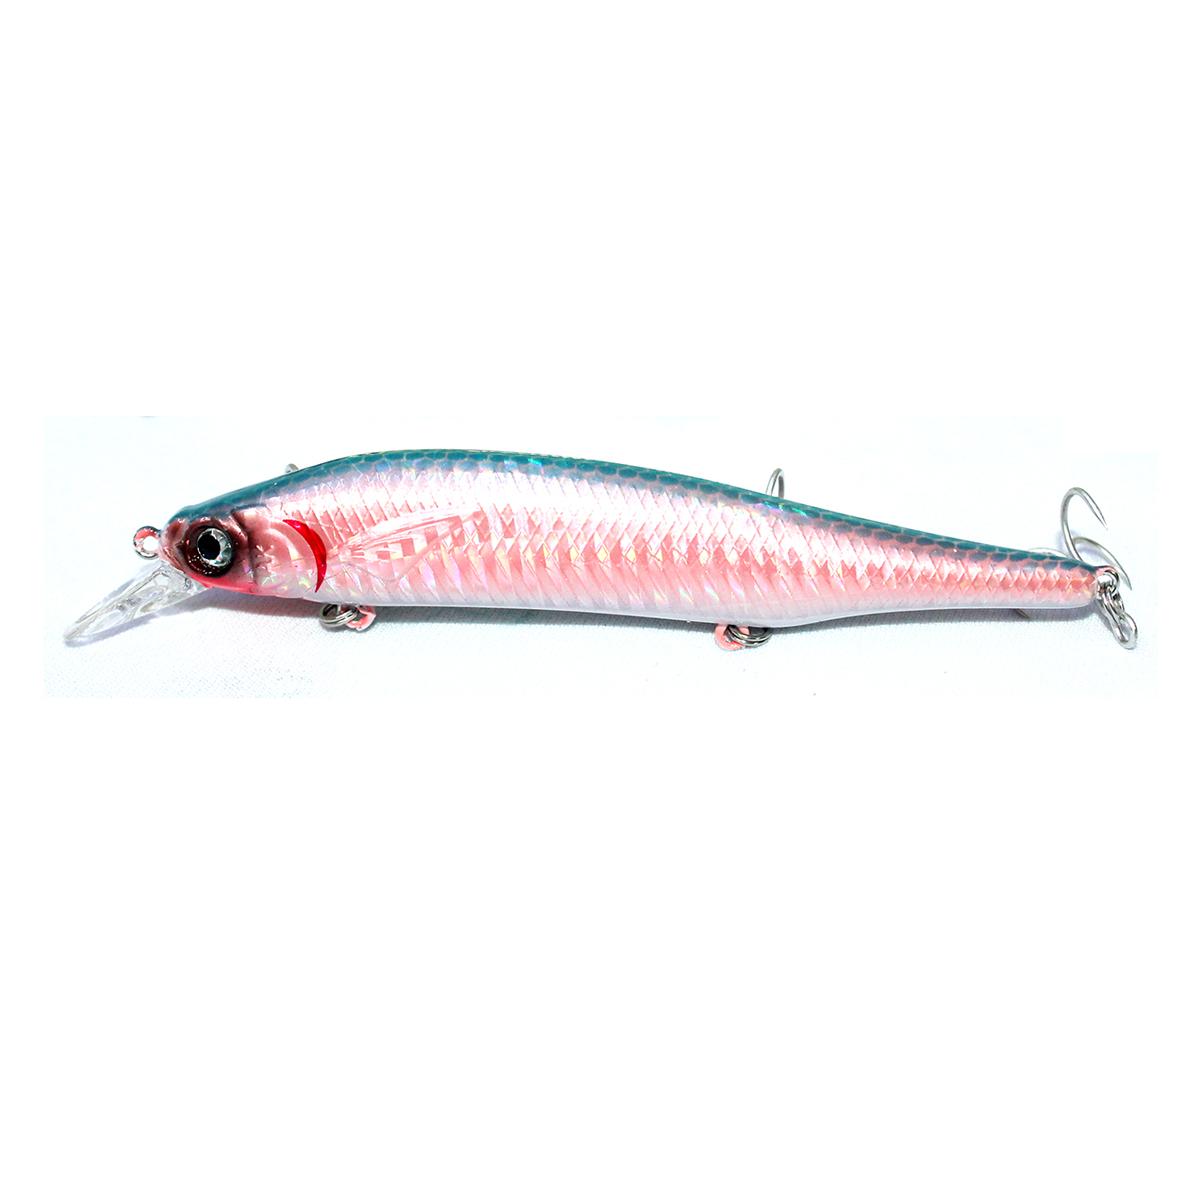 Mồi Câu Cá Giả - Alkall Lure - 115cm - Chuyên Lure Chẽm